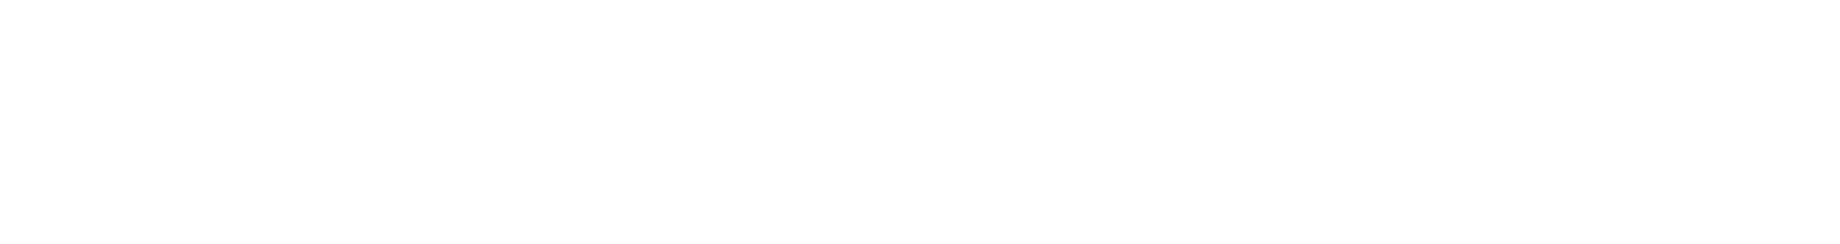 PLF Nord 1.0 deltagende kommune